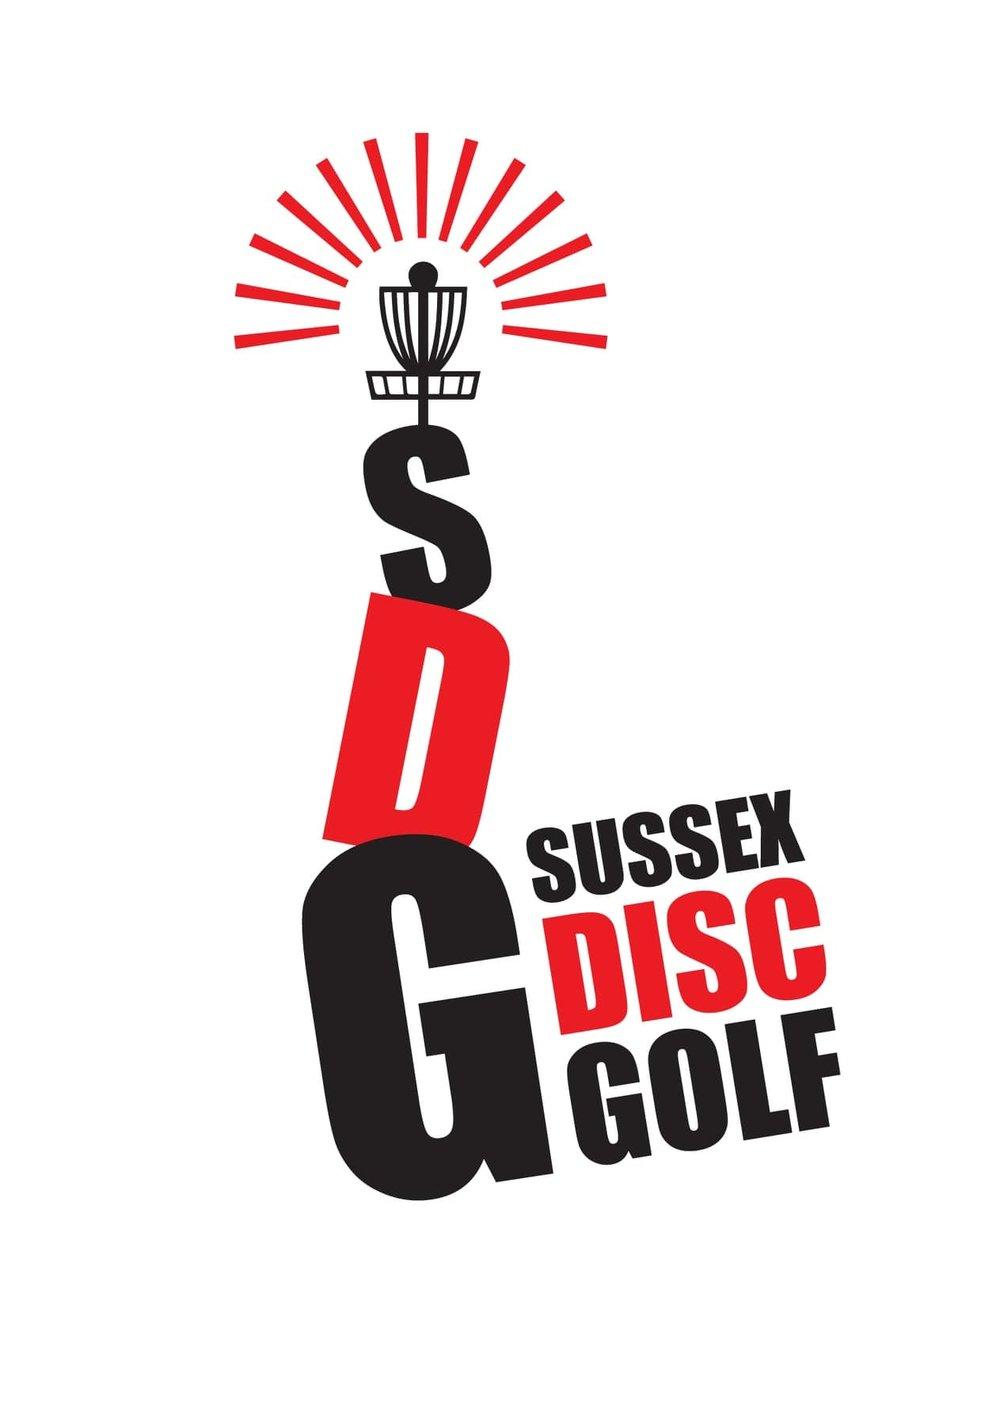 Sussex Disc Golf